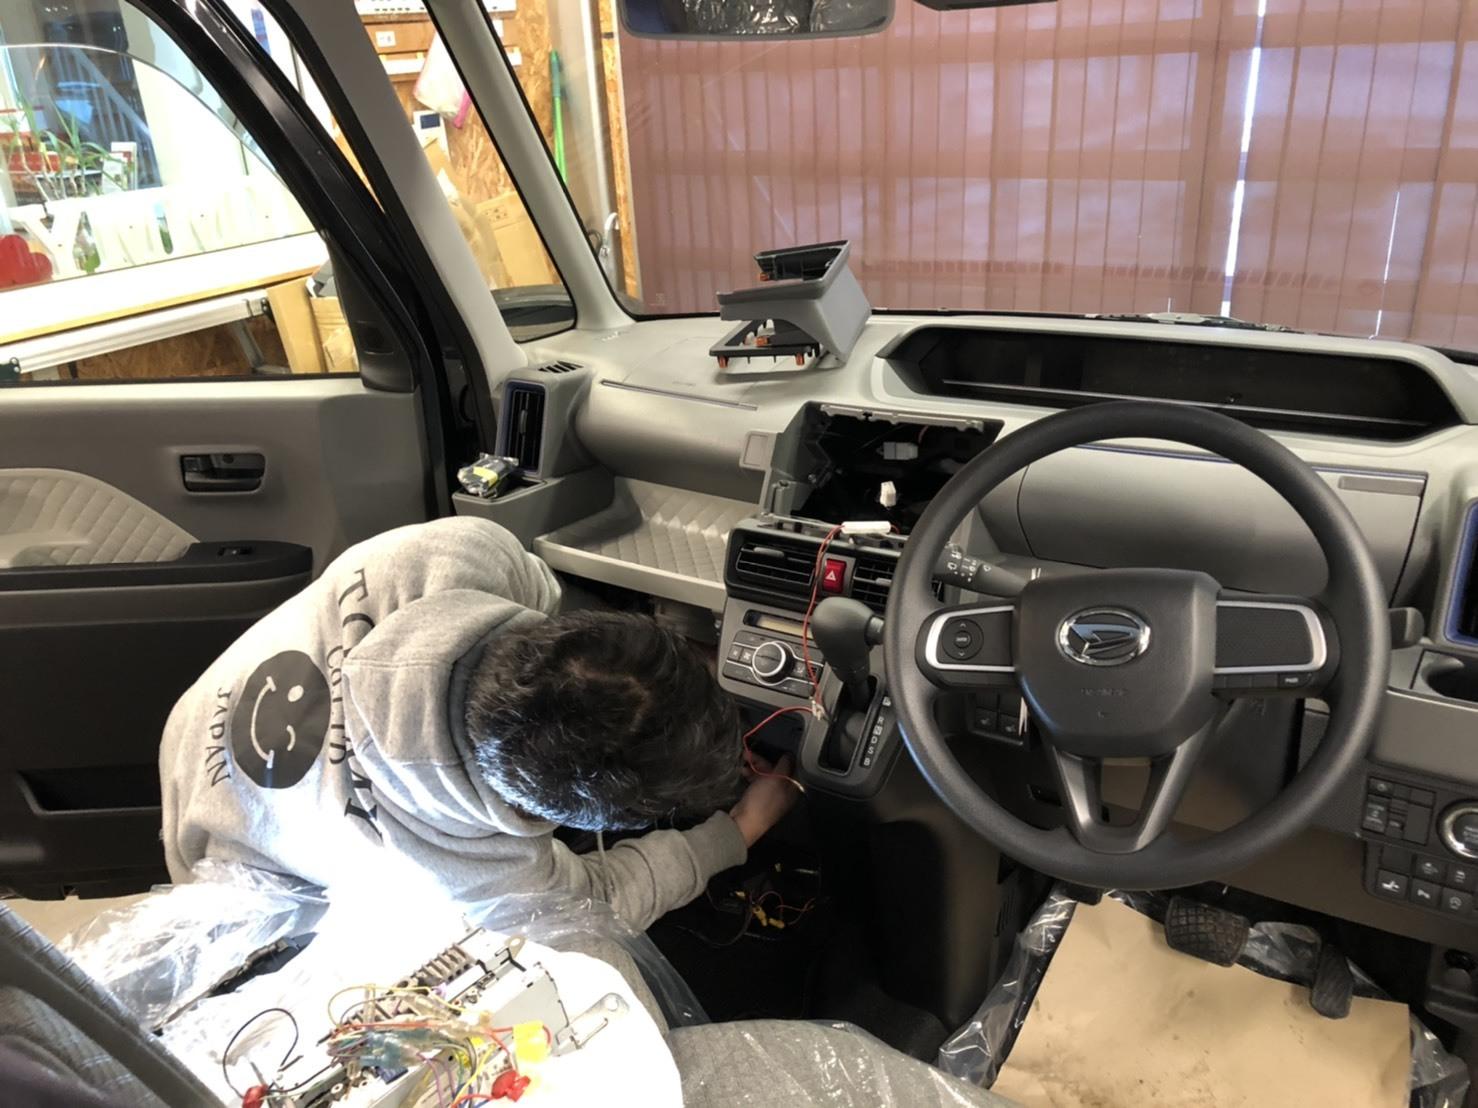 1月25日(日)O様新車タント納車☆エスカレード ゼロデザインあります✊レクサス ランクル ハマー TOMMY_b0127002_19011744.jpg